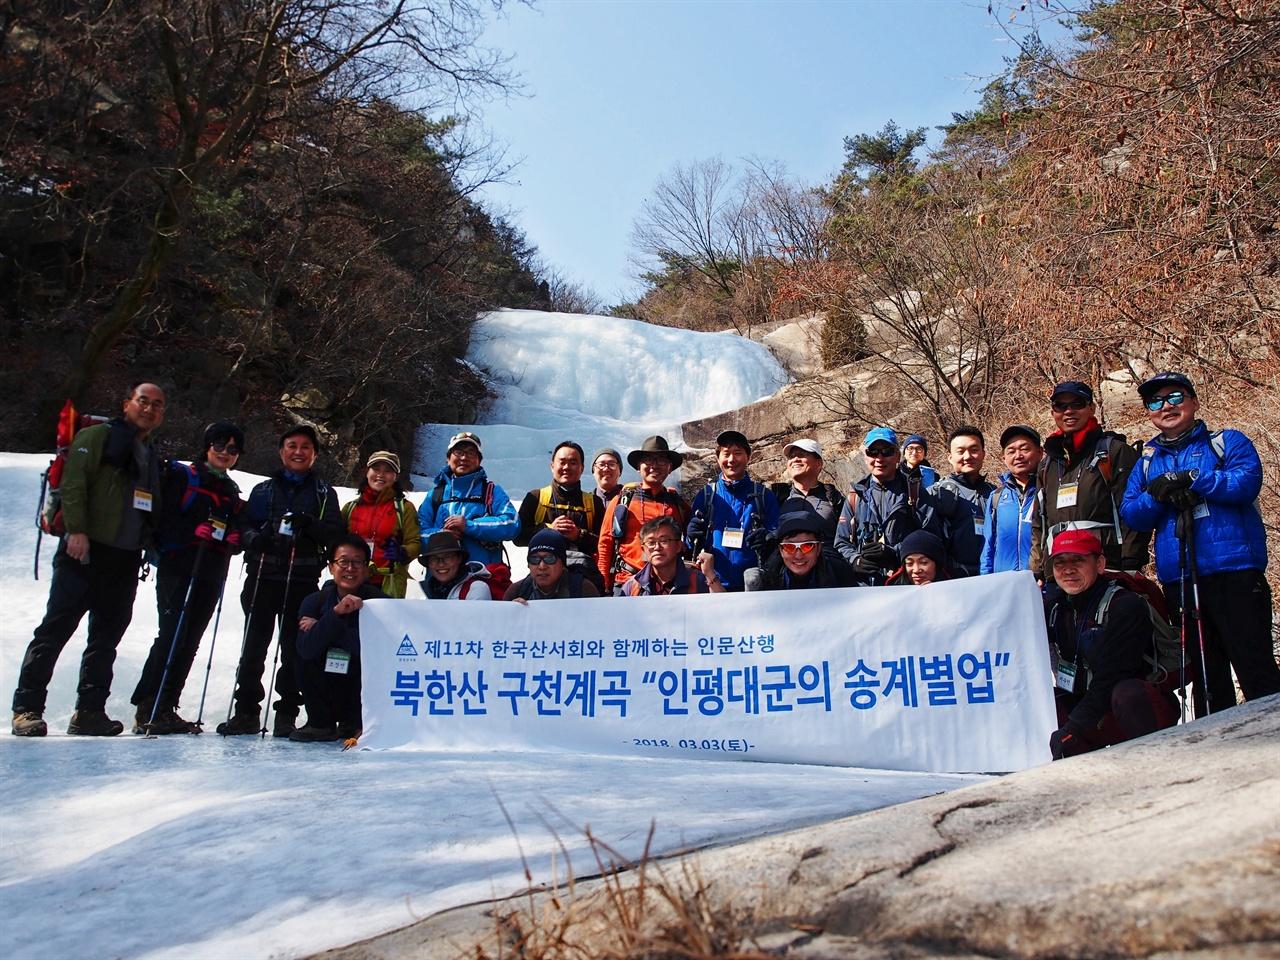 제11회 '한국산서회와 함께하는 인문산행' 거대한 빙벽에 덮인 구천폭포. 인간 세상에는 봄이 턱밑까지 이르렀는데 신선세계는 아직도 엄혹한 겨울이다.